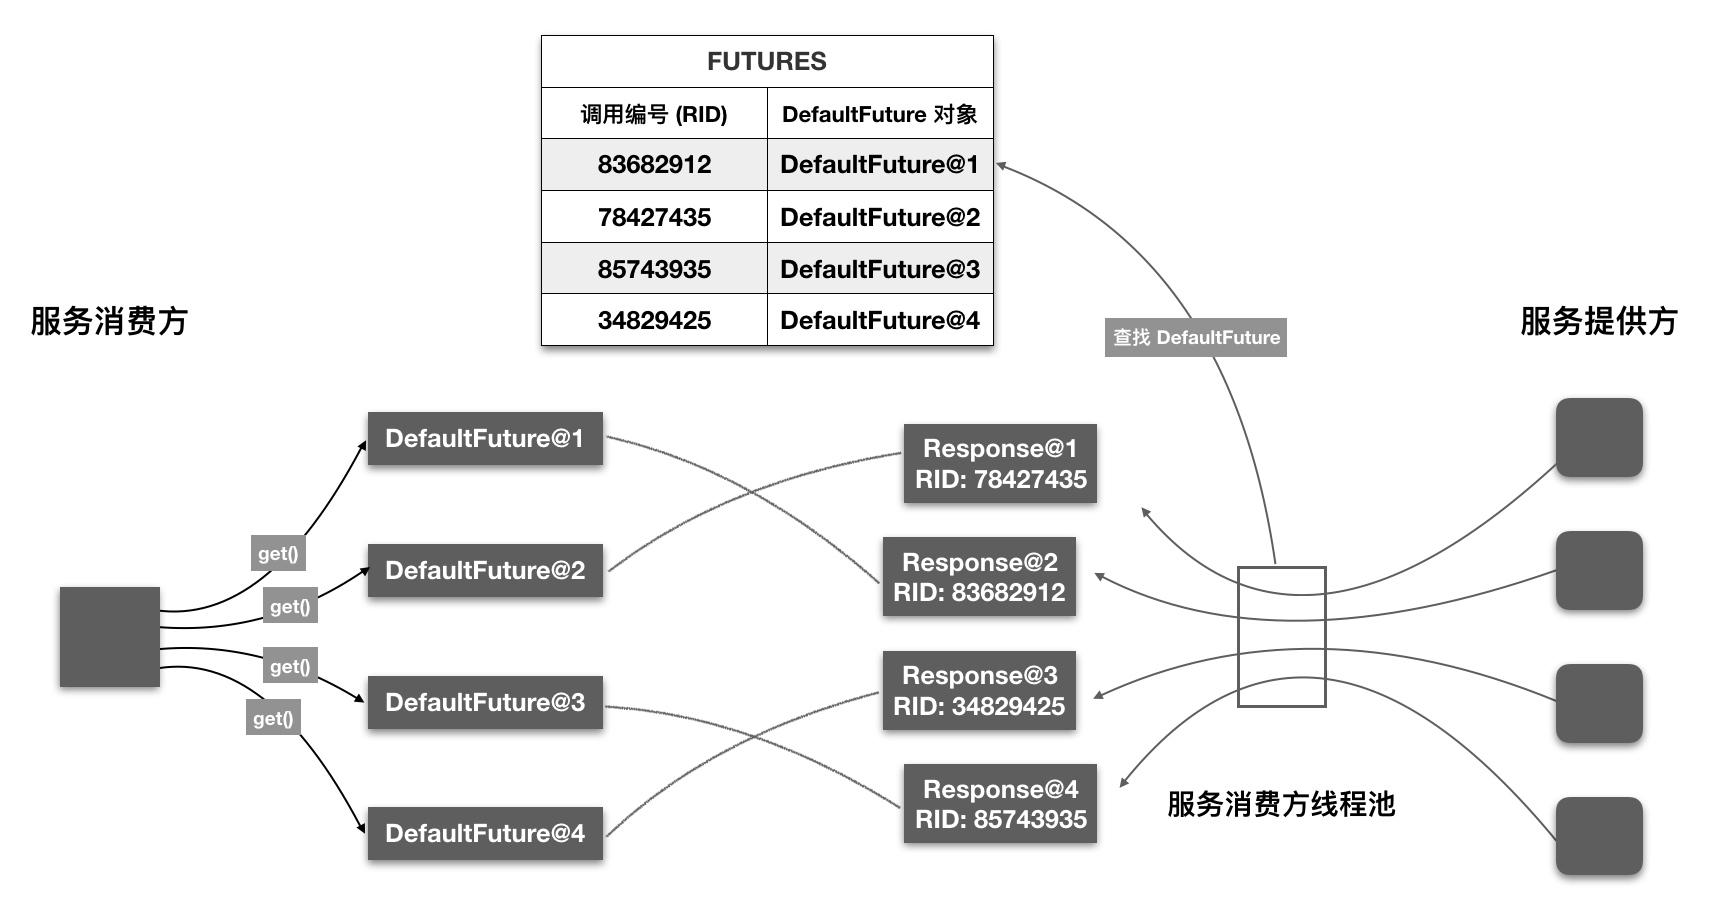 Dubbo 源码分析 - 服务调用过程